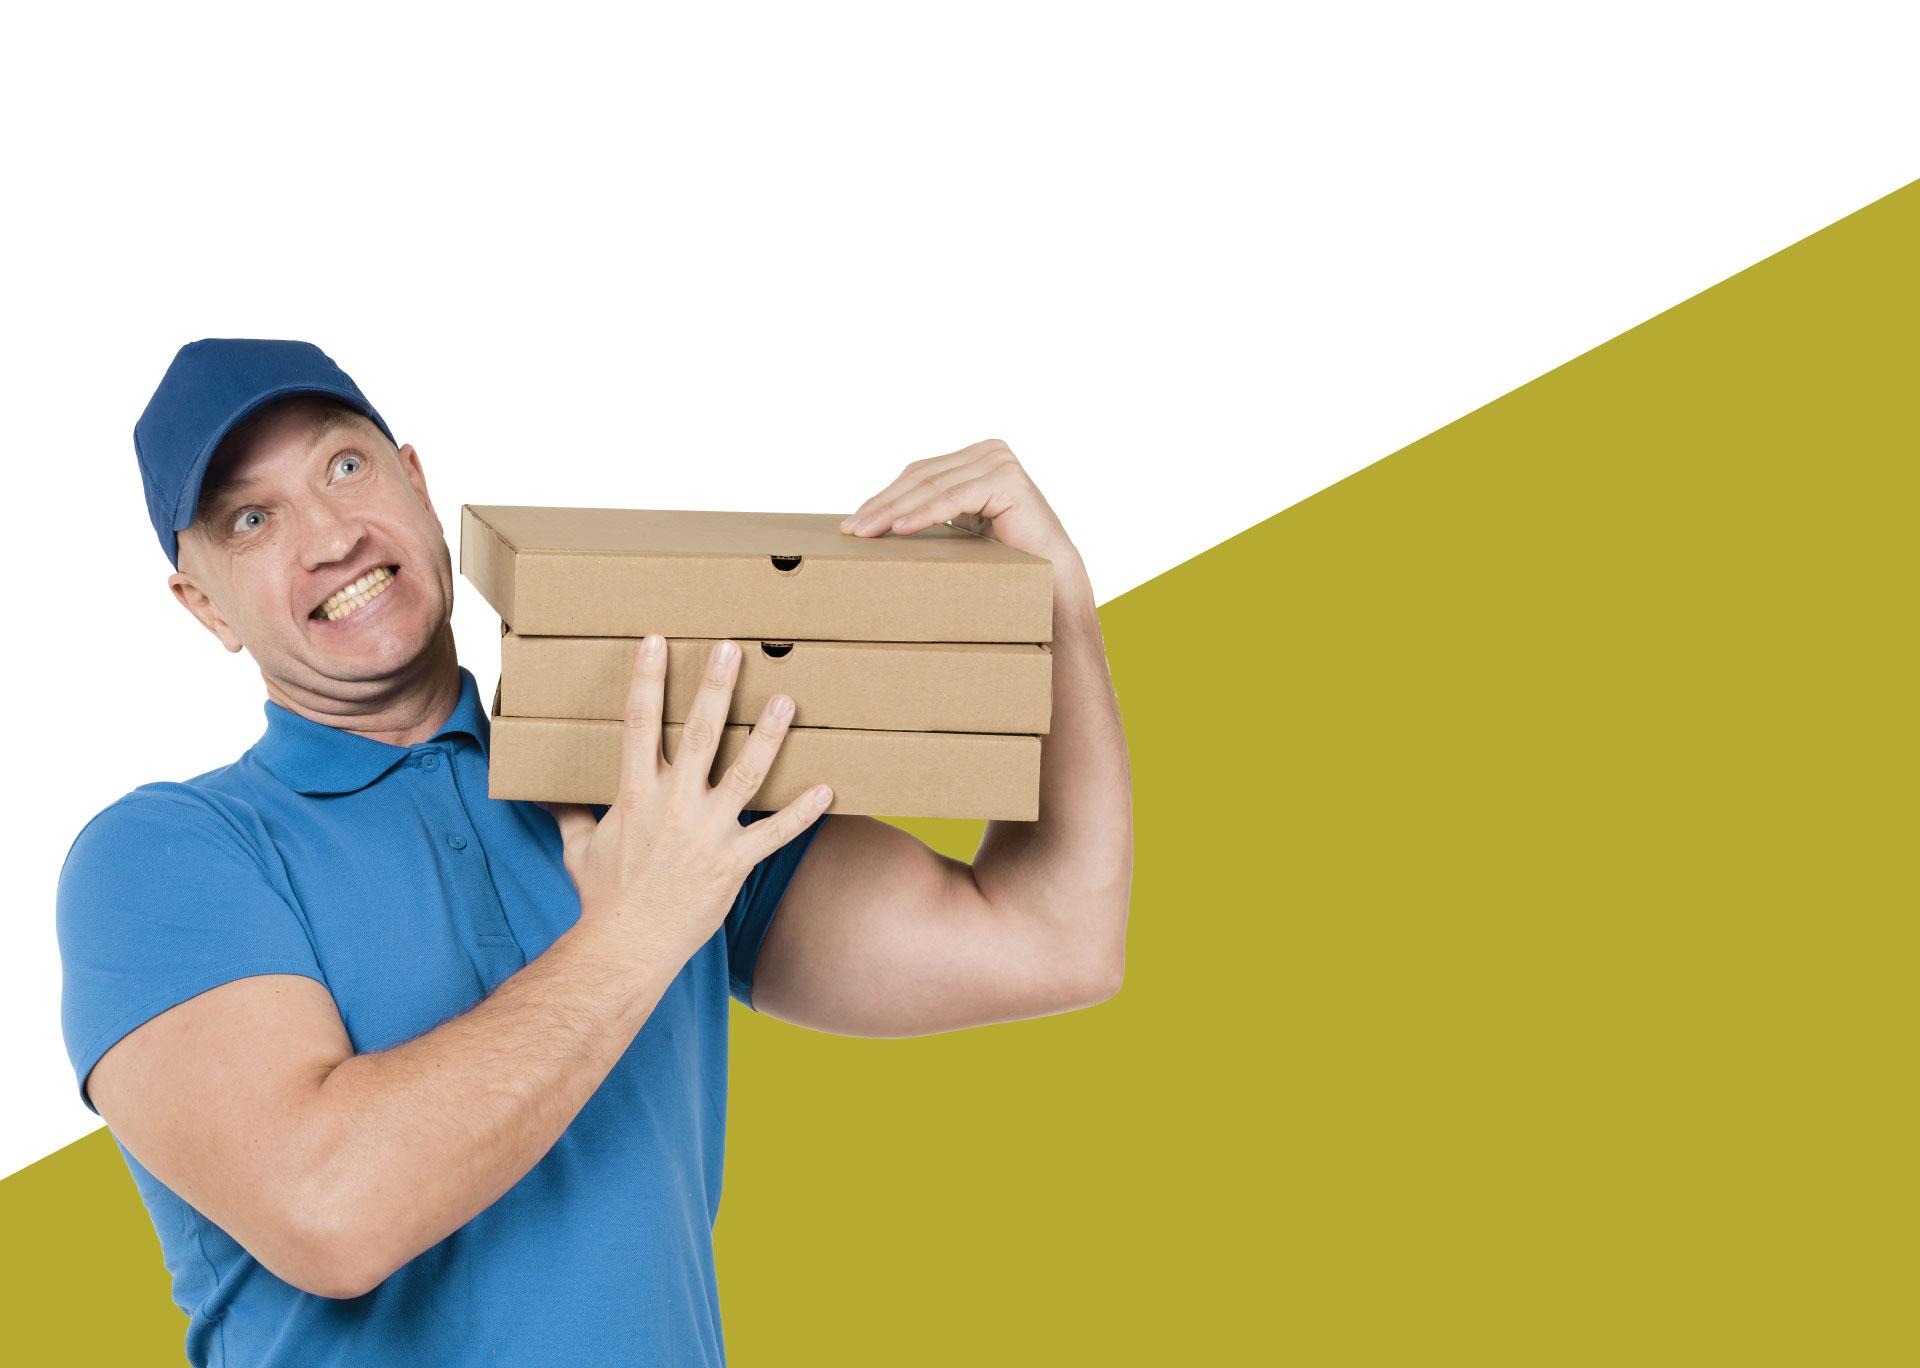 جعبه پیتزا مقوایی : روند تولید جعبه پیتزا از گذشته تاکنون